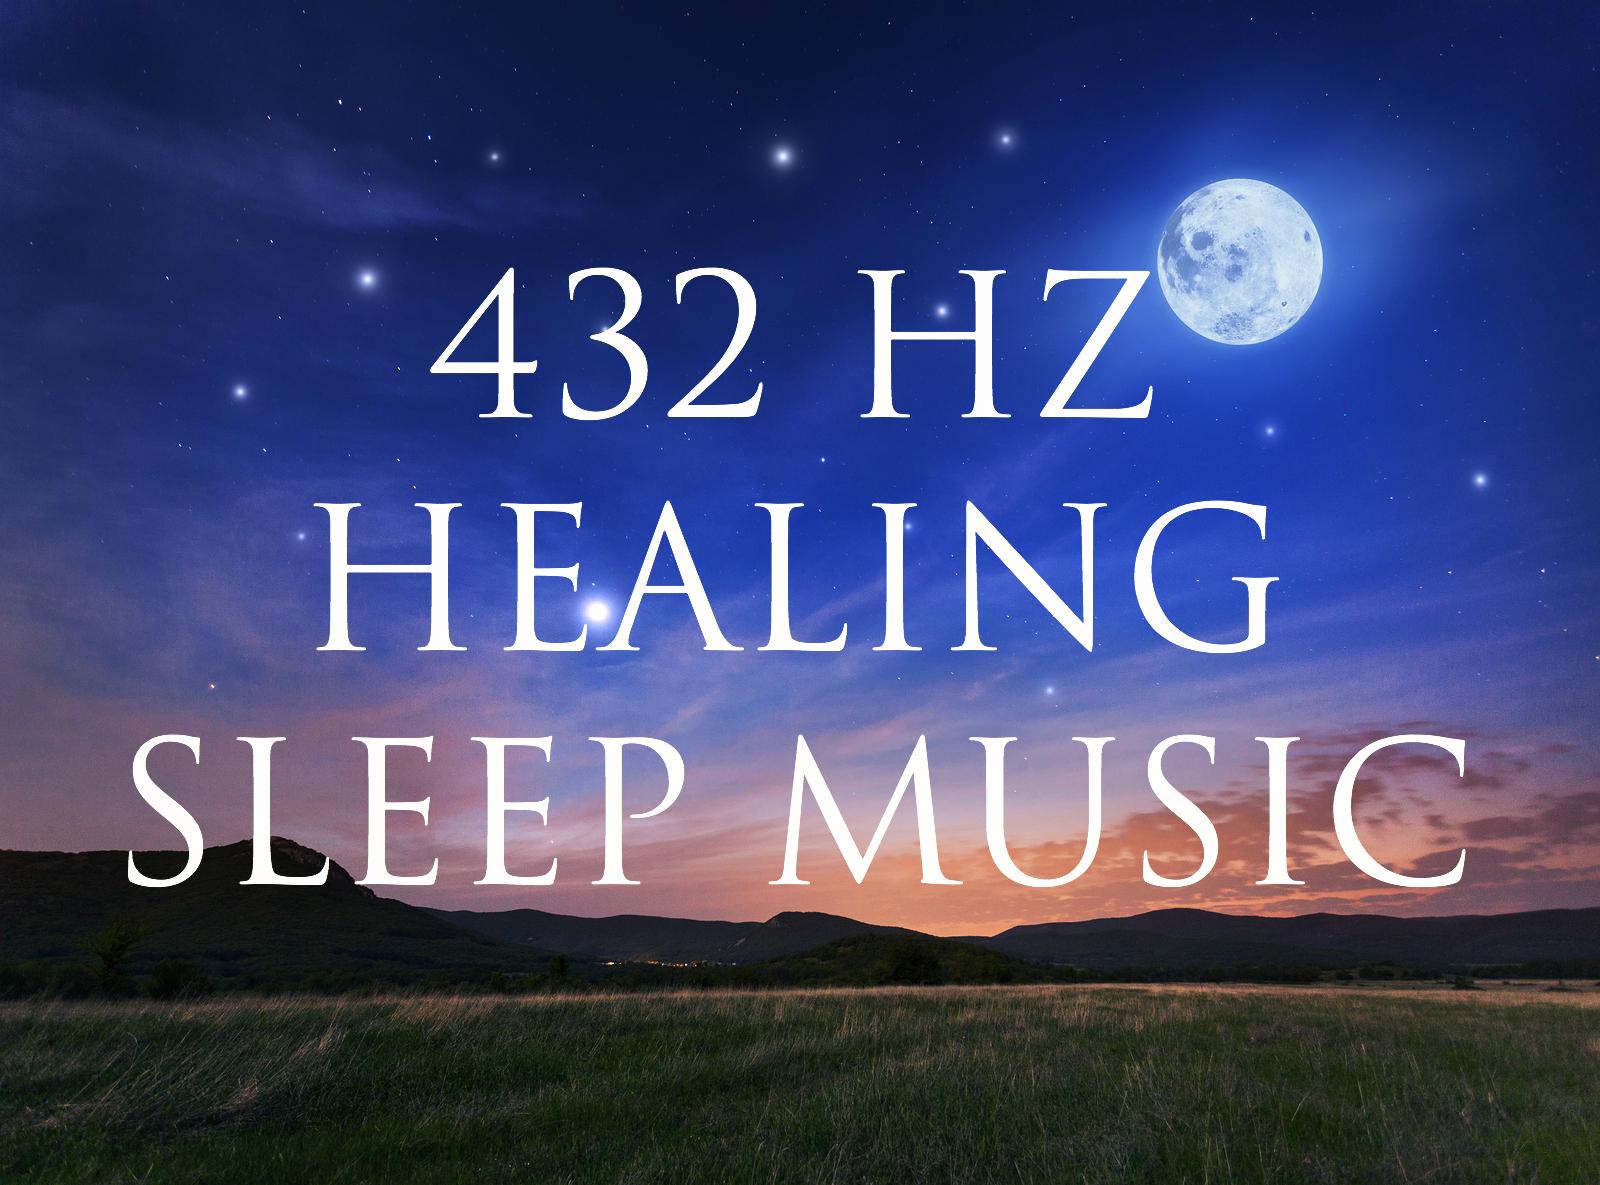 432 Hz Healing Sleep Music ➤ Awakening Inner Strength